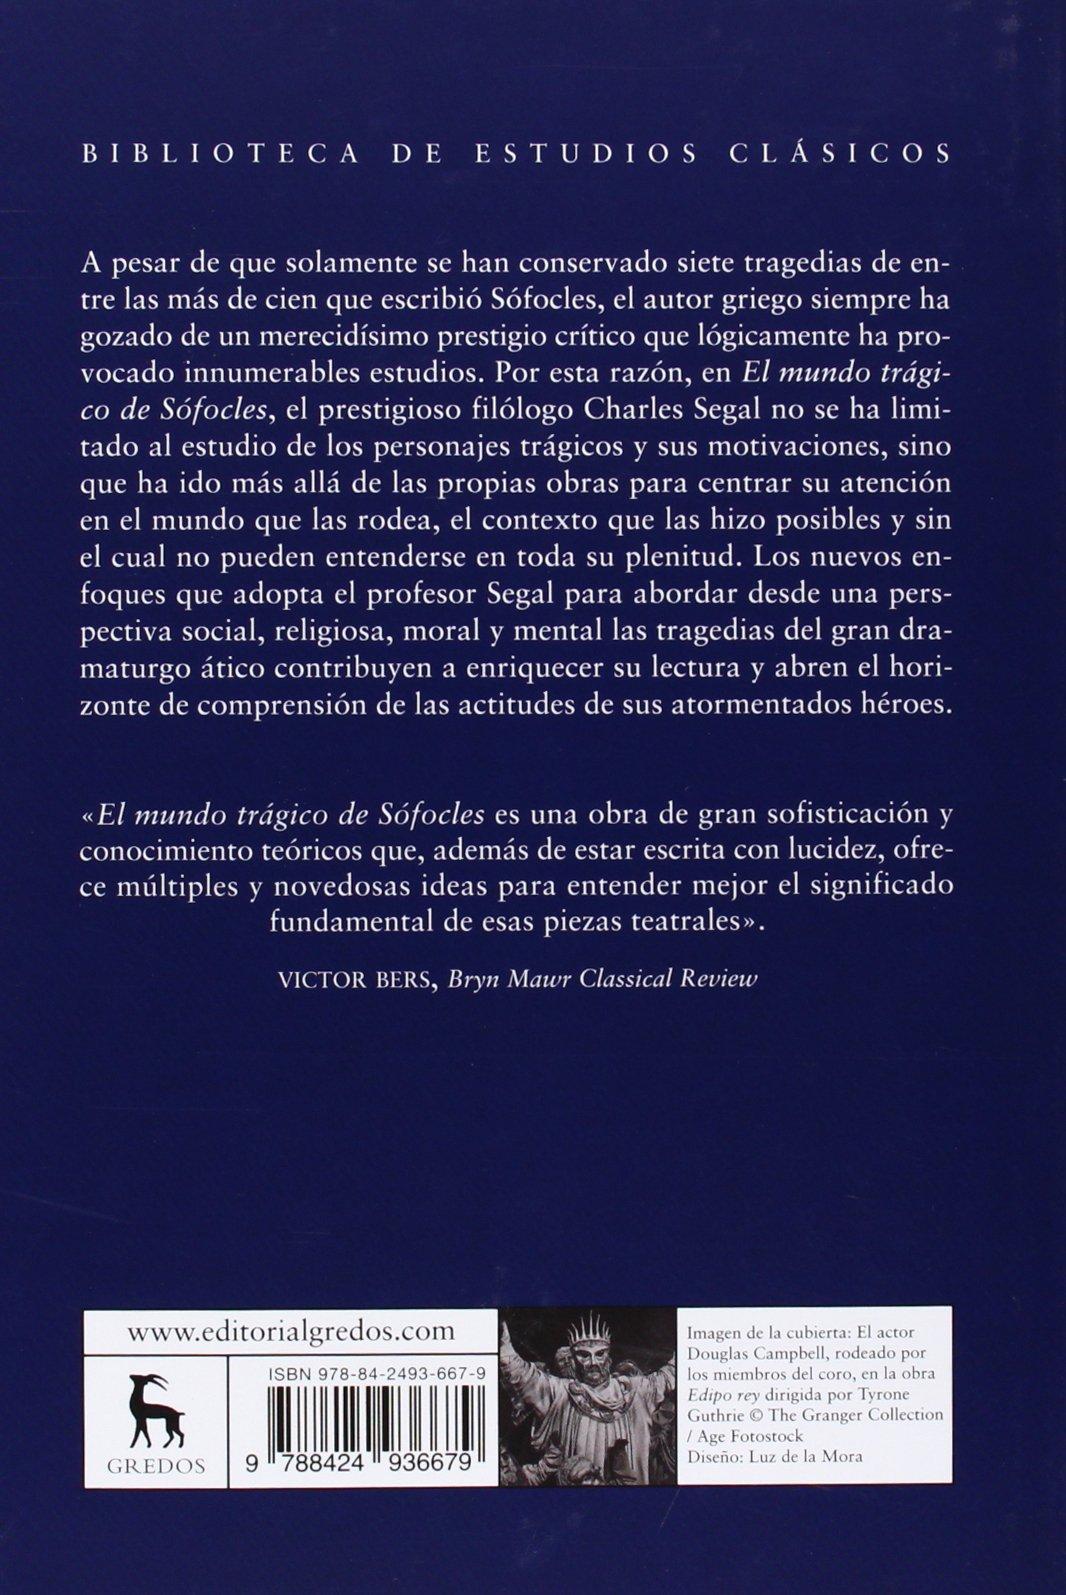 El mundo trágico de Sófocles: Charles Segal: 9788424936679: Amazon.com: Books